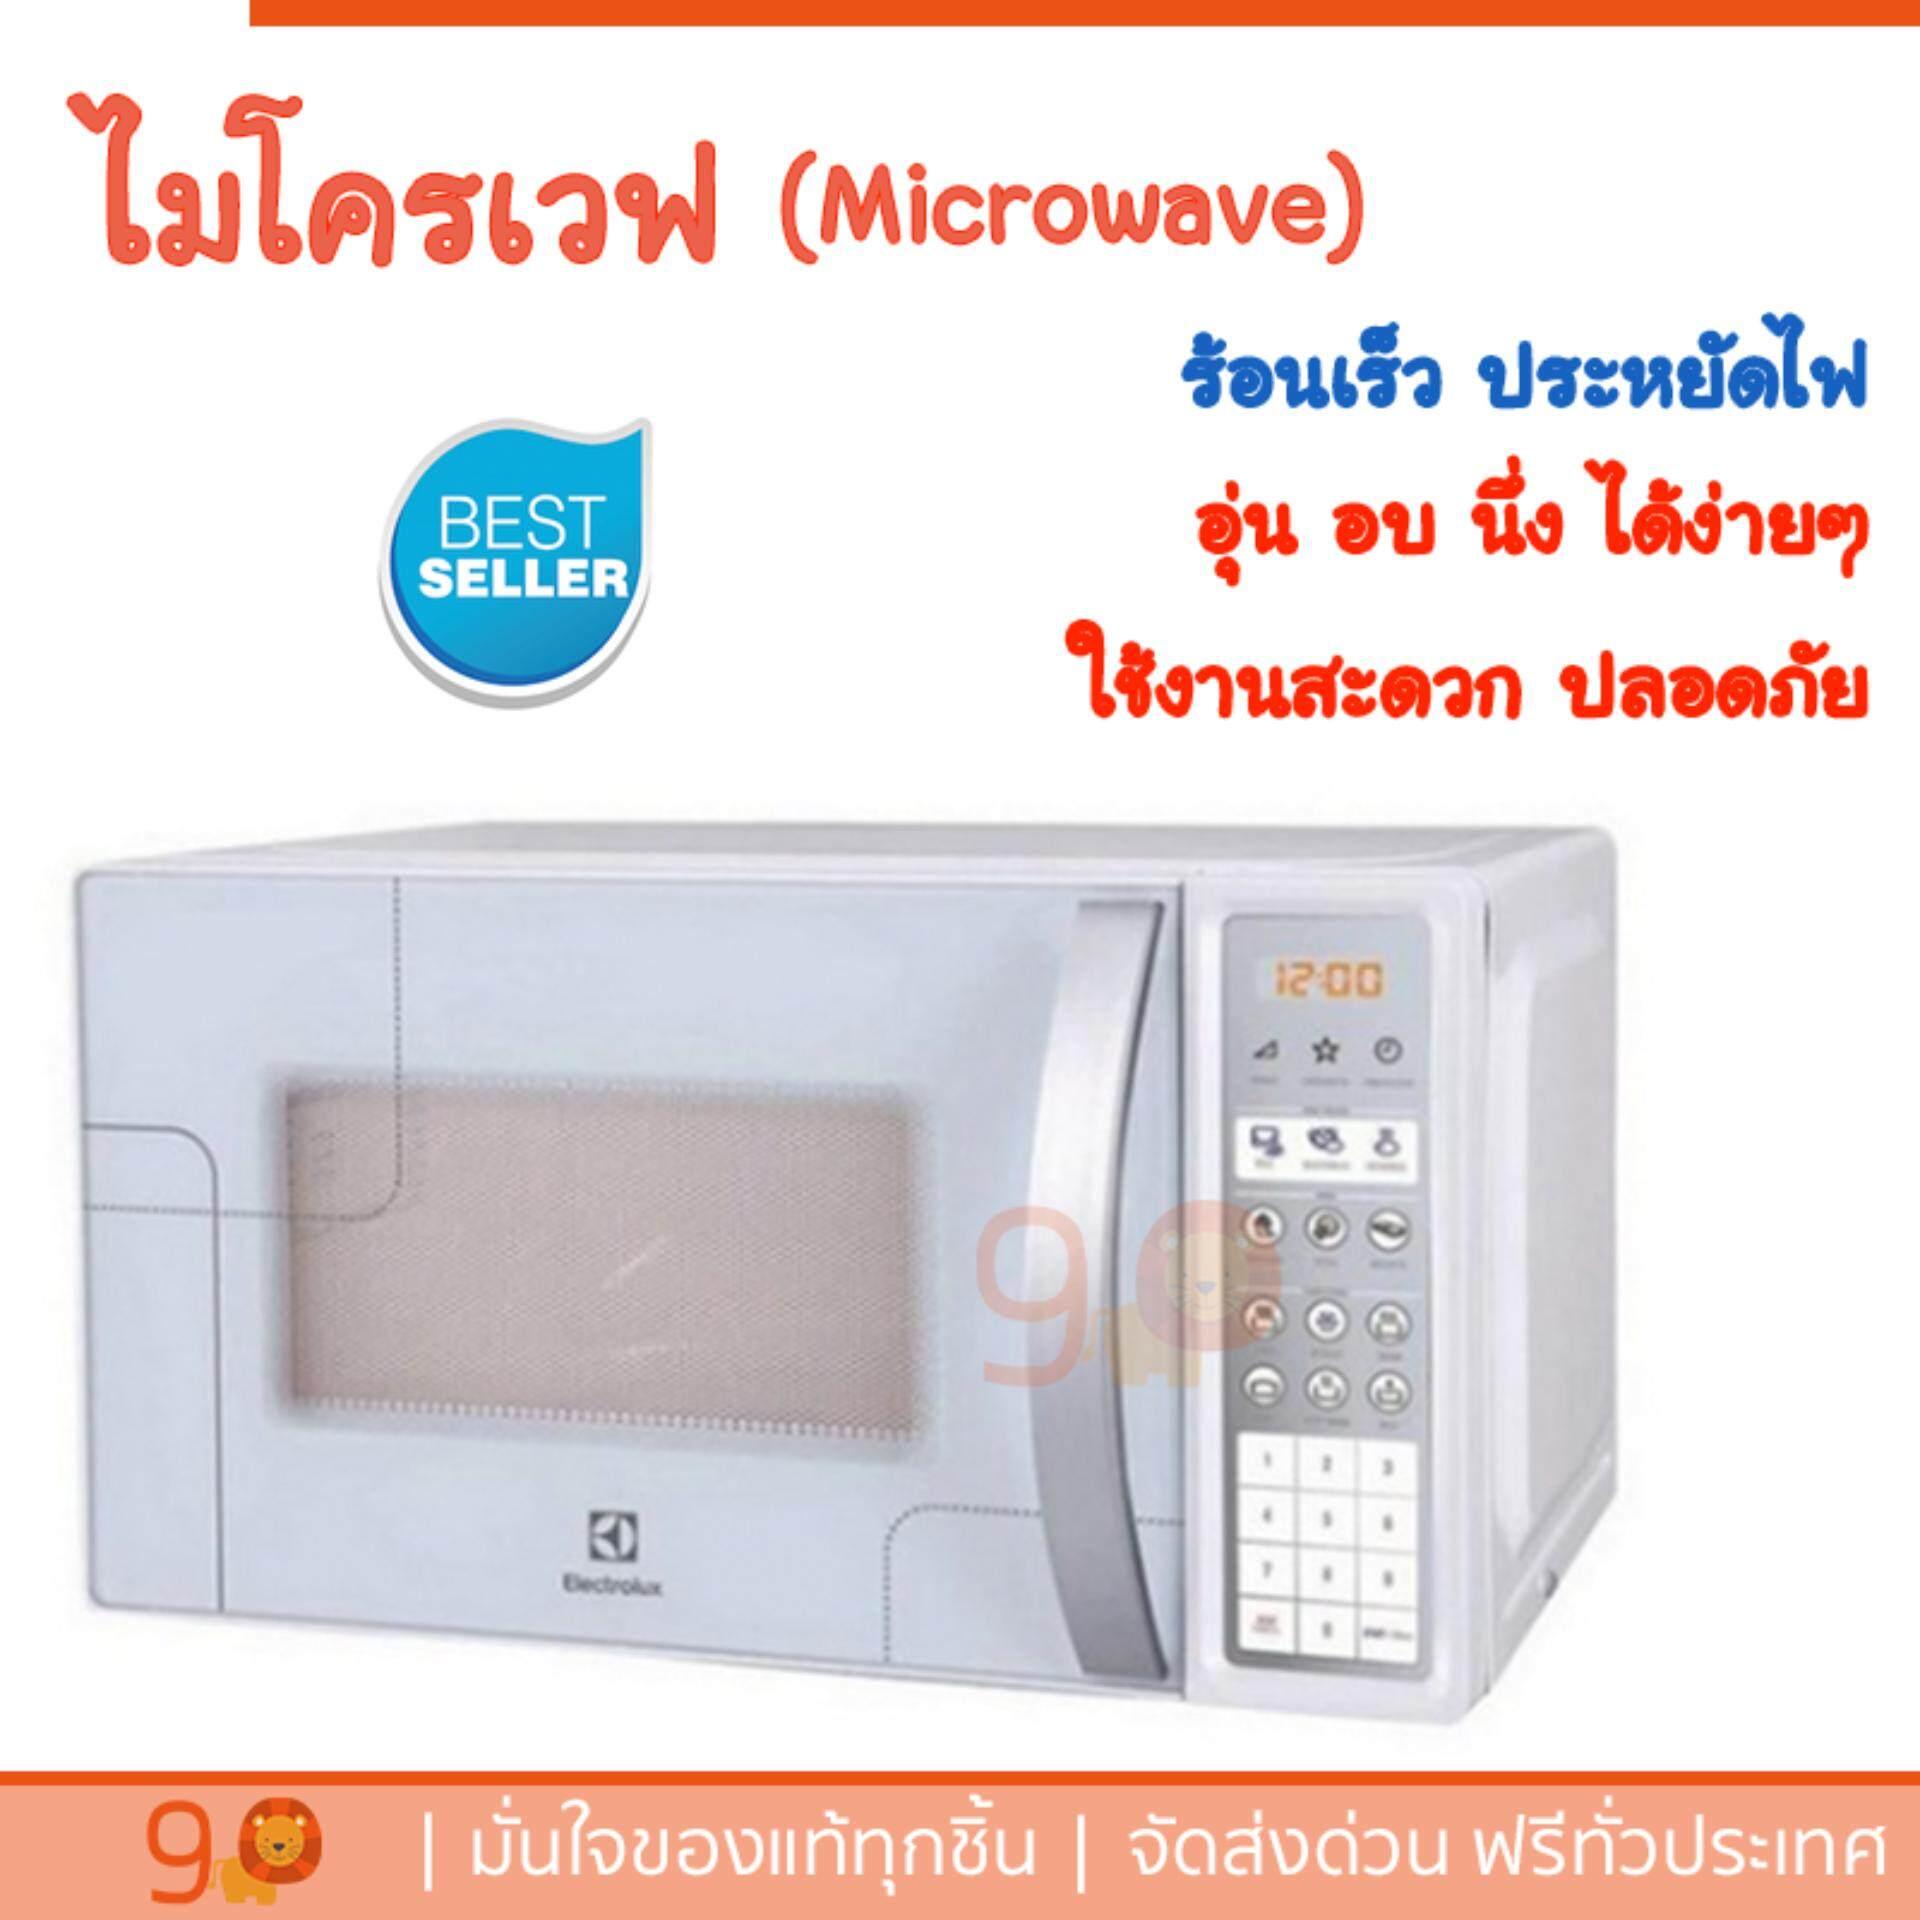 รุ่นใหม่ล่าสุด ไมโครเวฟ เตาอบไมโครเวฟ ไมโครเวฟ ดิจิตอล ELECTROLUX EME2024MW 20L | ELECTROLUX | EME2024MW ปรับระดับความร้อนได้หลายระดับ มีฟังก์ชันละลายน้ำแข็ง ใช้งานง่าย Microwave จัดส่งฟรีทั่วประเทศ